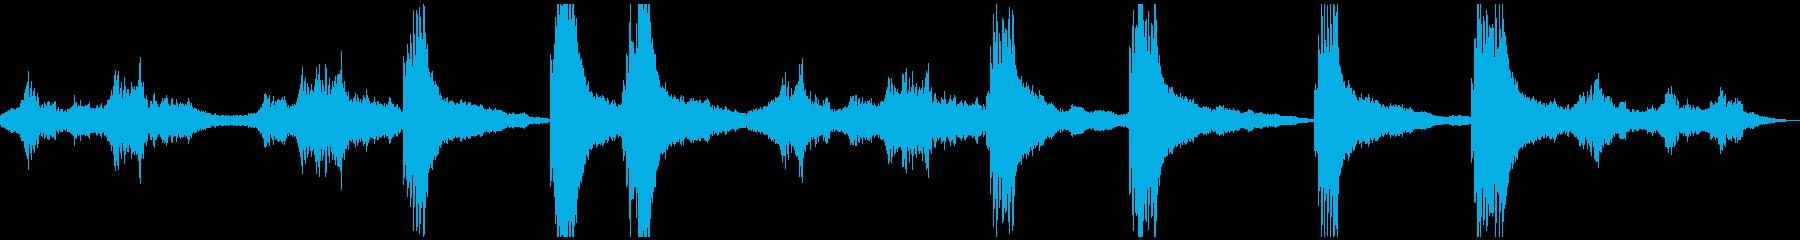 サイエンスフィクション音楽。スタイ...の再生済みの波形